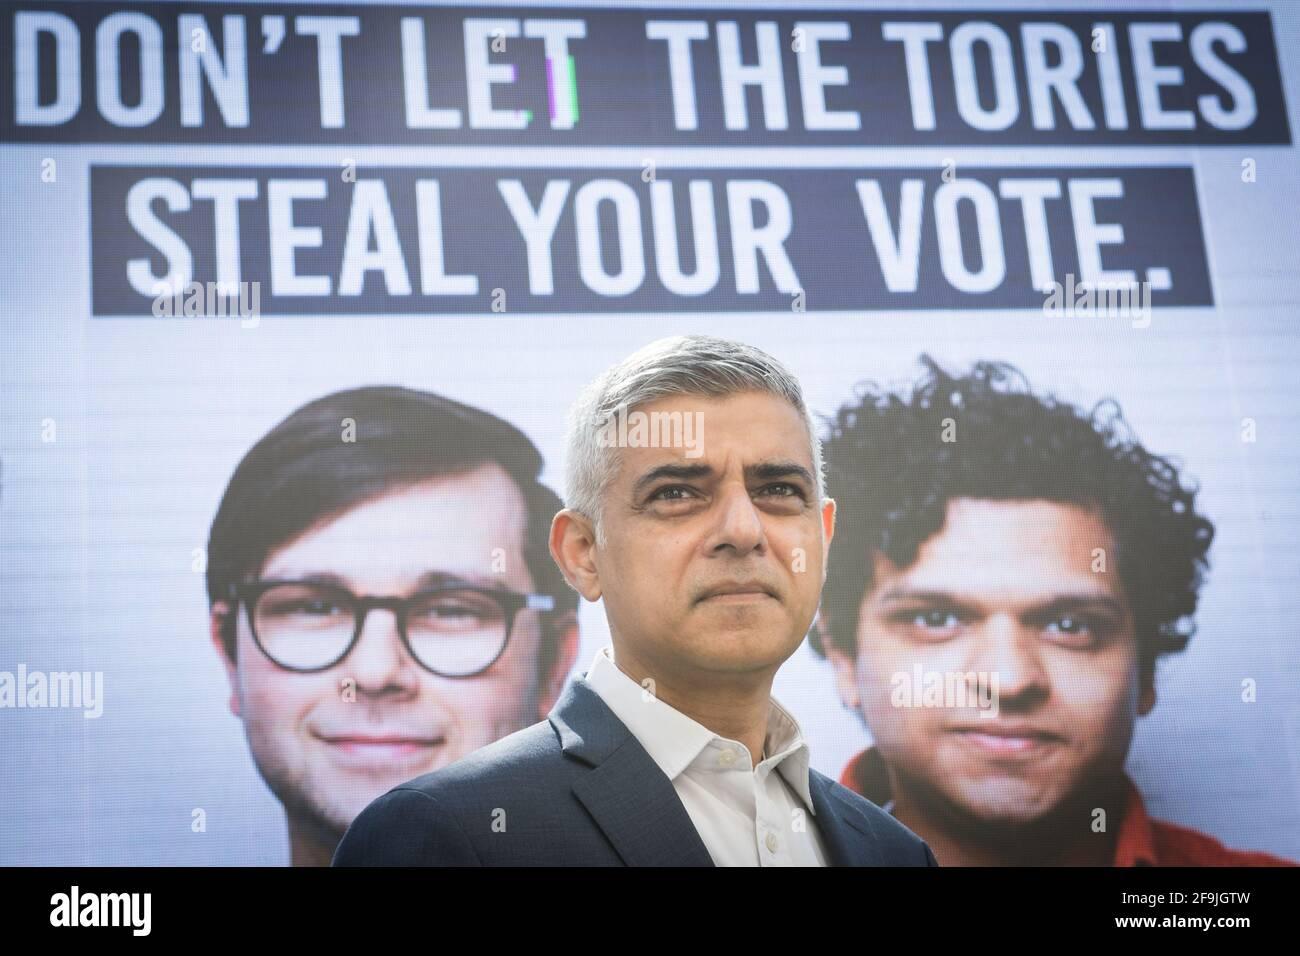 El alcalde laborista de Londres Sadiq Khan, desvela un nuevo anuncio de campaña en Westminster, Londres, instando a los londinenses a inscribirse para una votación postal antes de la fecha límite, mientras se encuentran en el sendero de la campaña para las elecciones del alcalde de Londres. Fecha de la foto: Lunes 19 de abril de 2021. Foto de stock